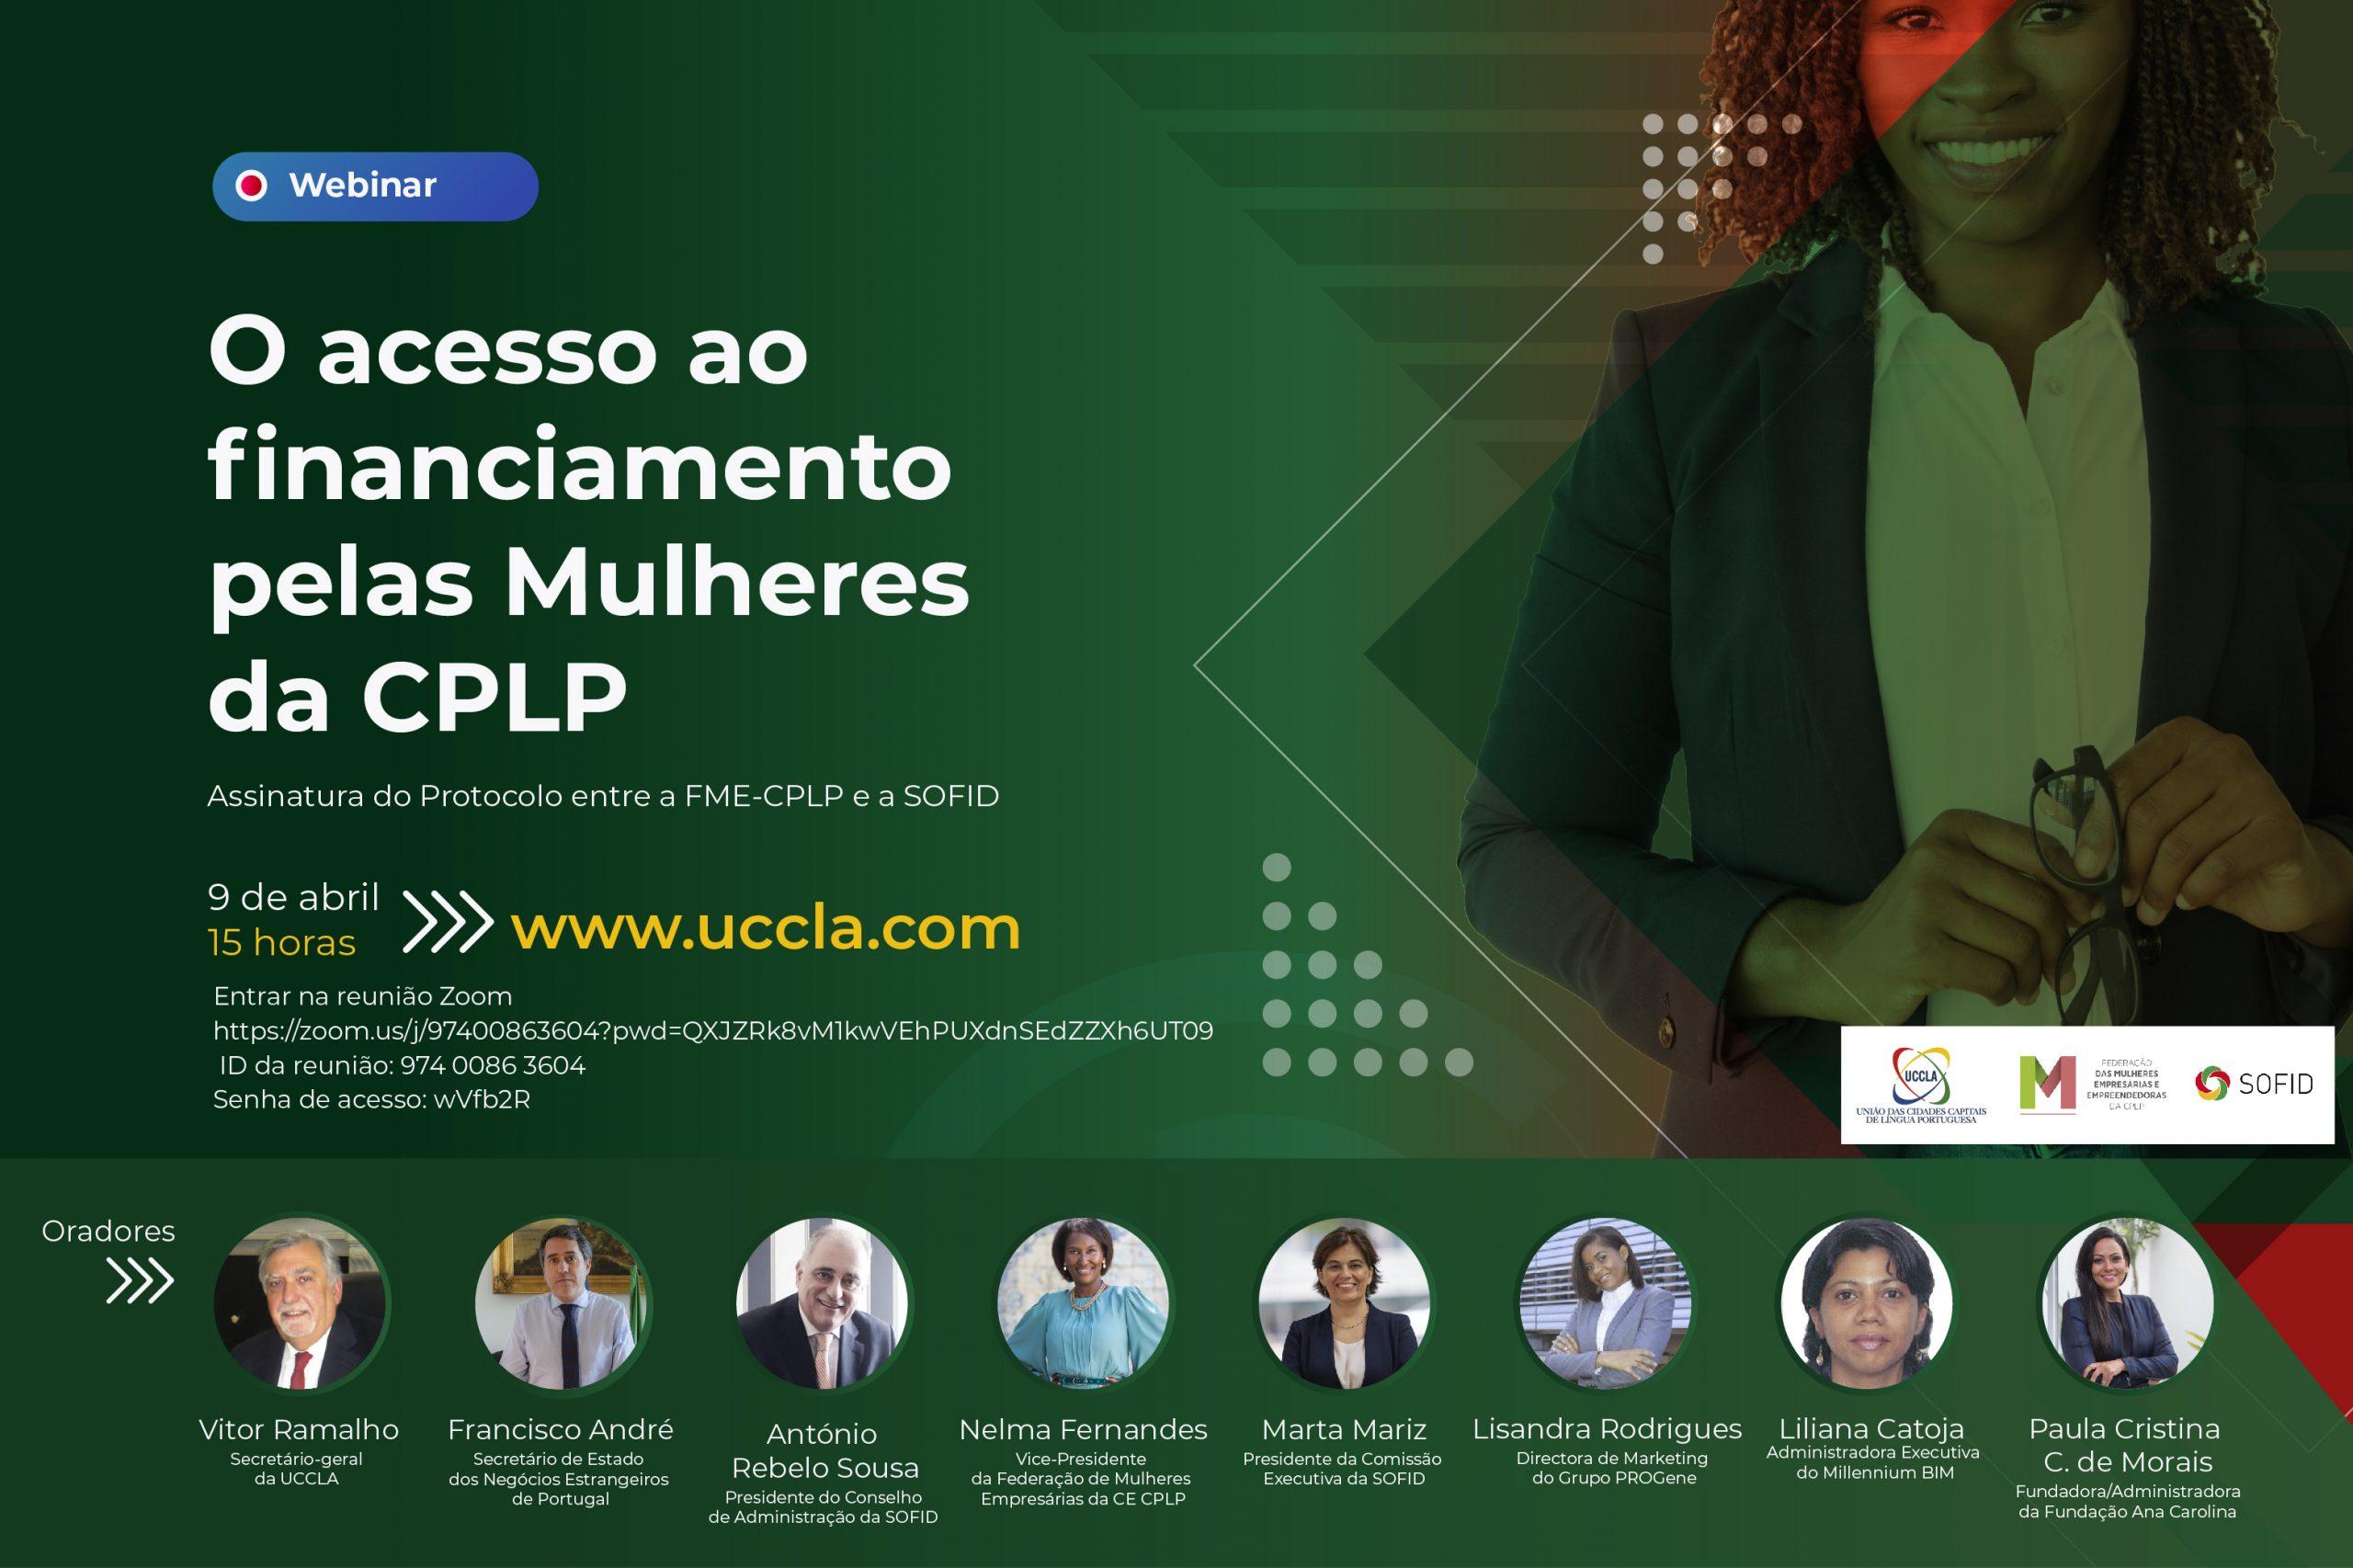 Webinar- O acesso ao financiamento pelas Mulheres da CPLP_Webinar_acesso ao financiamento pelas mulheres CPLP_MAIL E REDES